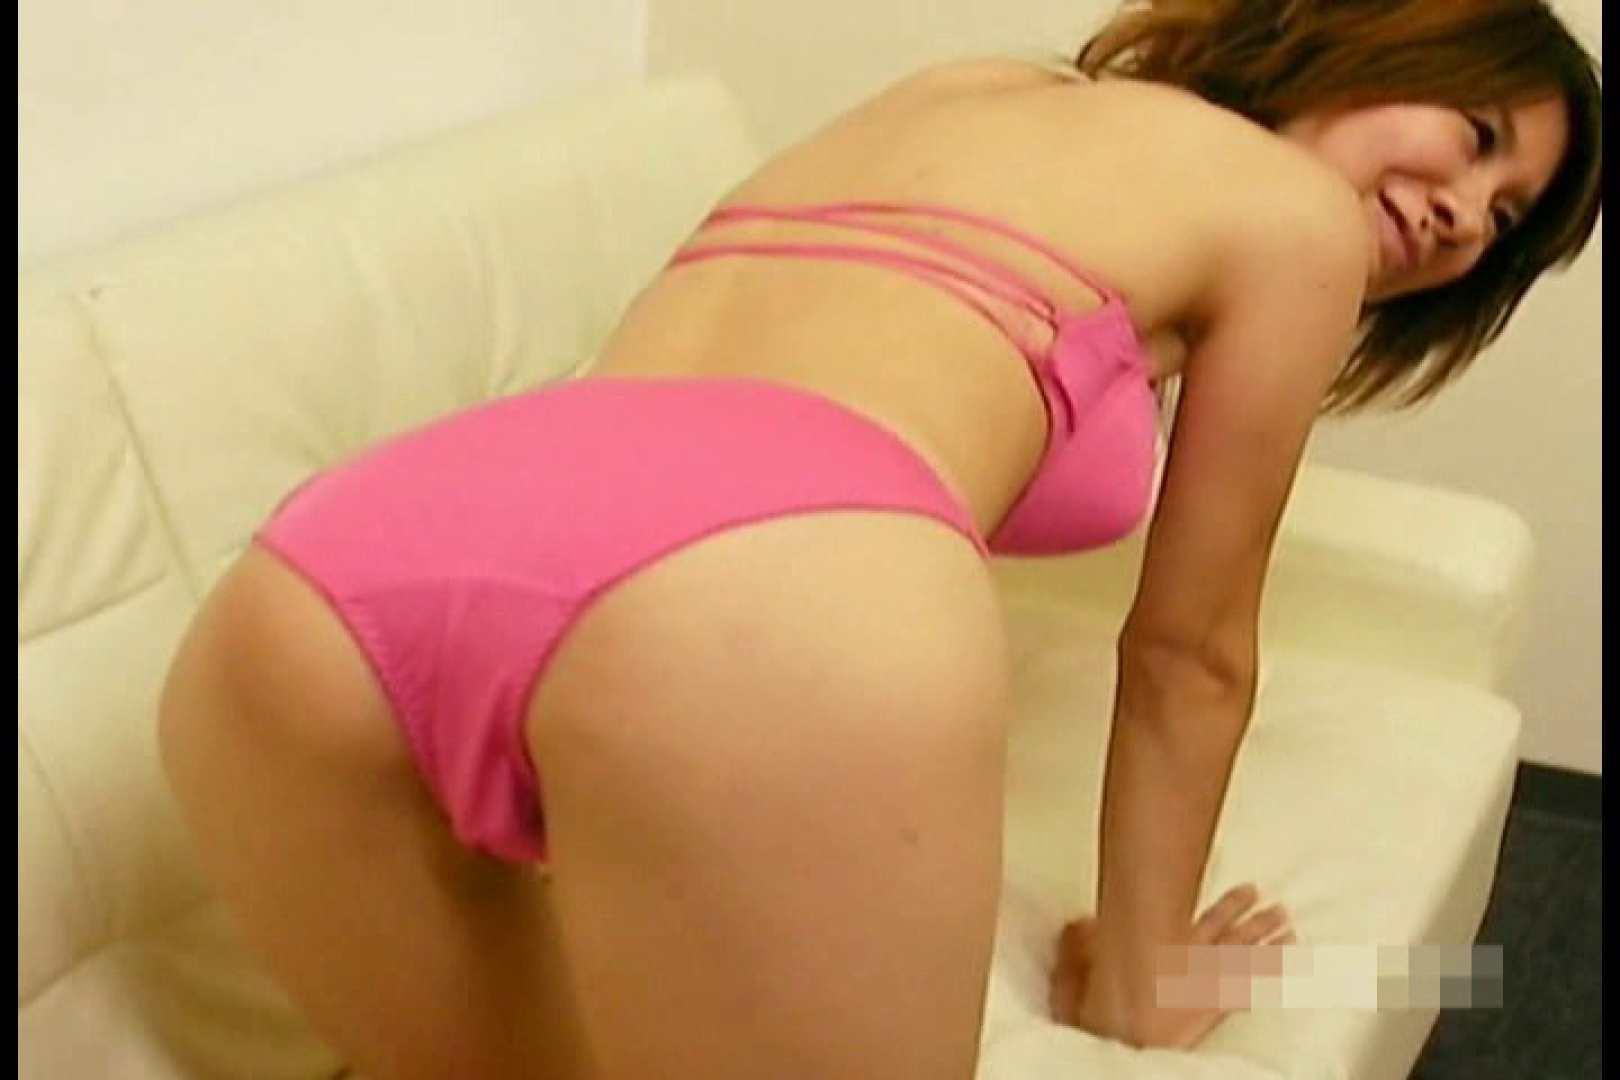 素人撮影 下着だけの撮影のはずが・・・まり25歳 おまんこ ヌード画像 67連発 55